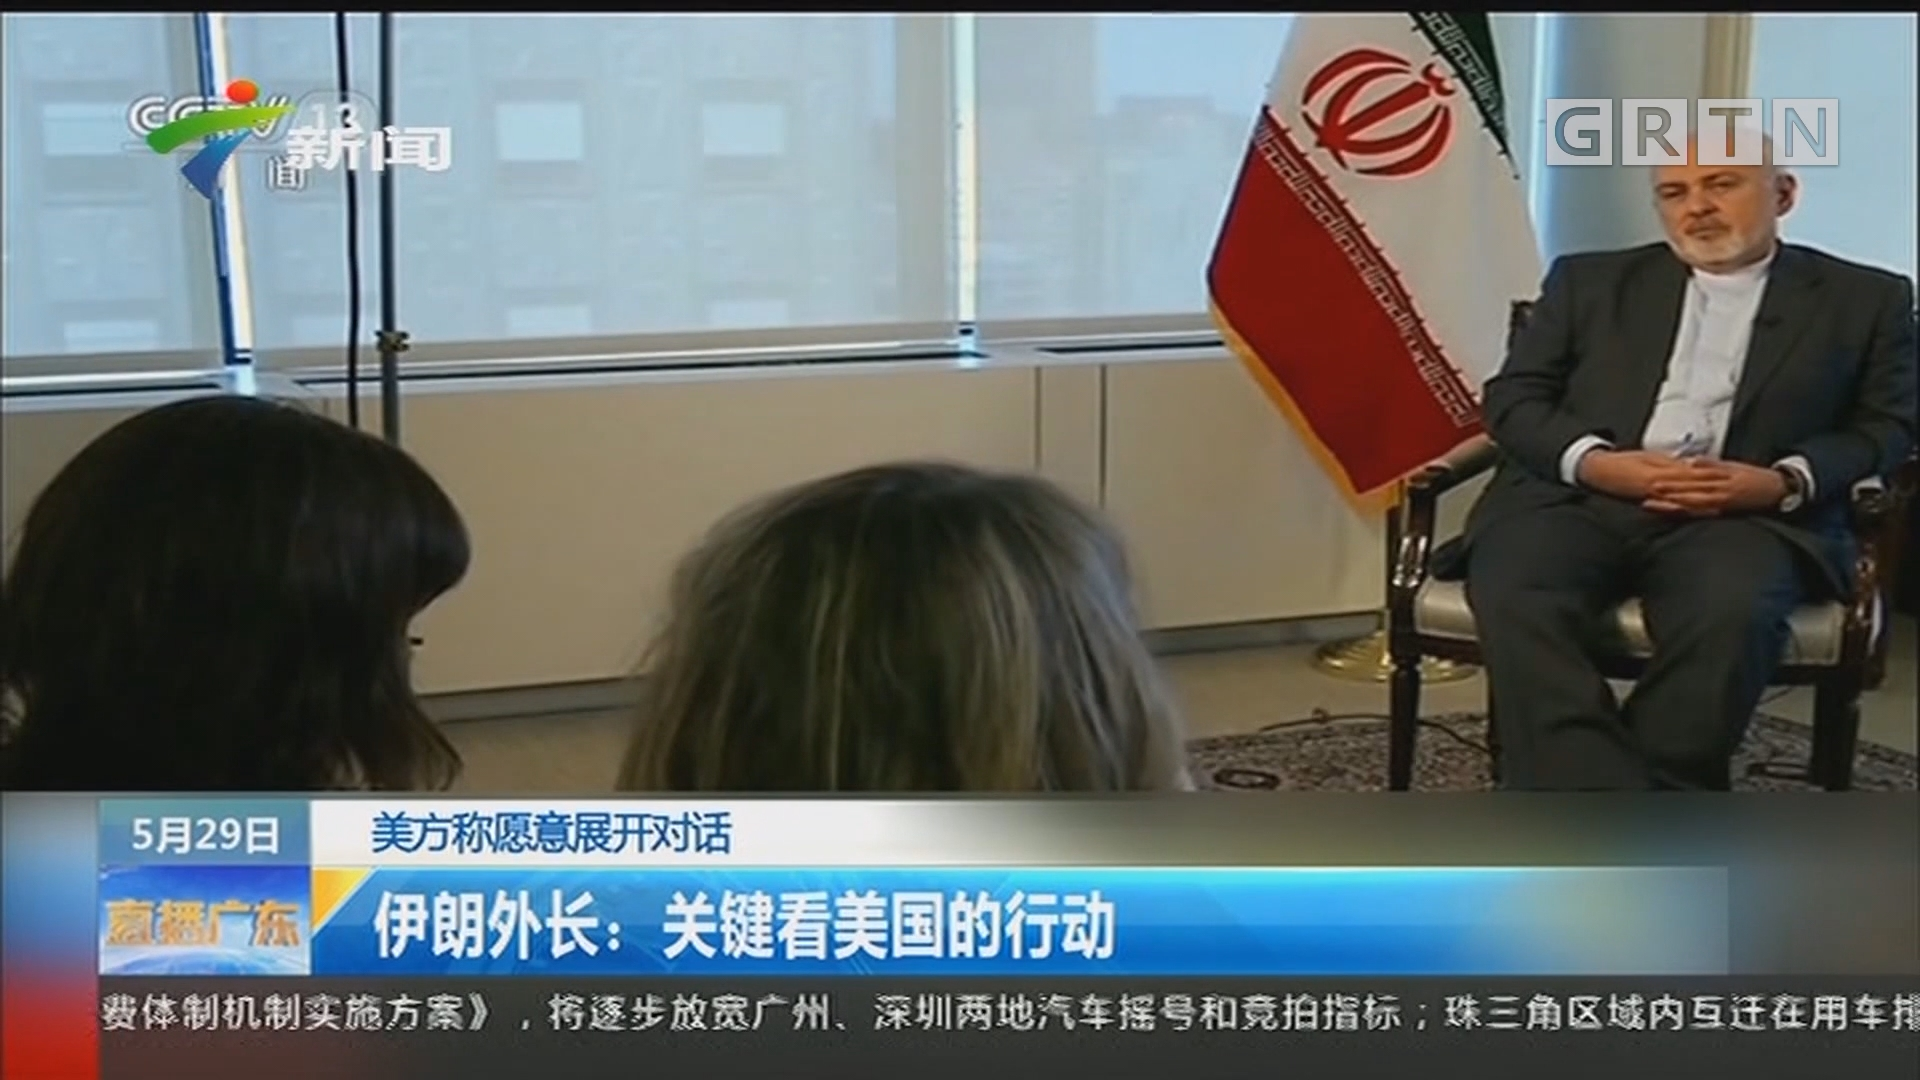 美方称愿意展开对话 伊朗外长:关键看美国的行动